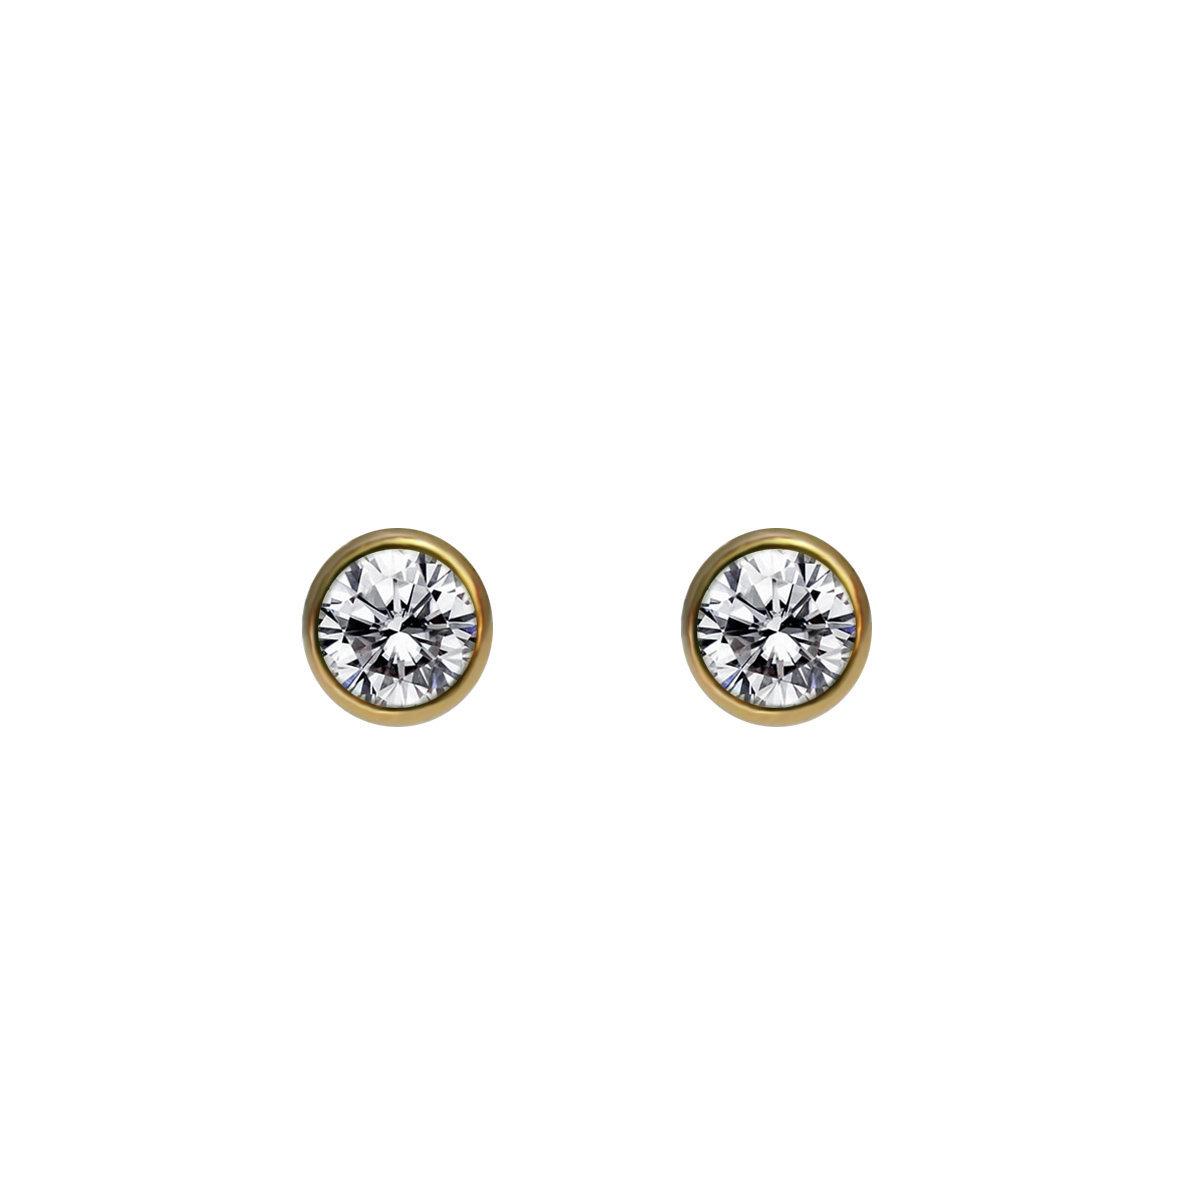 14K gold filled (1/20) mounted cz bezel post earring